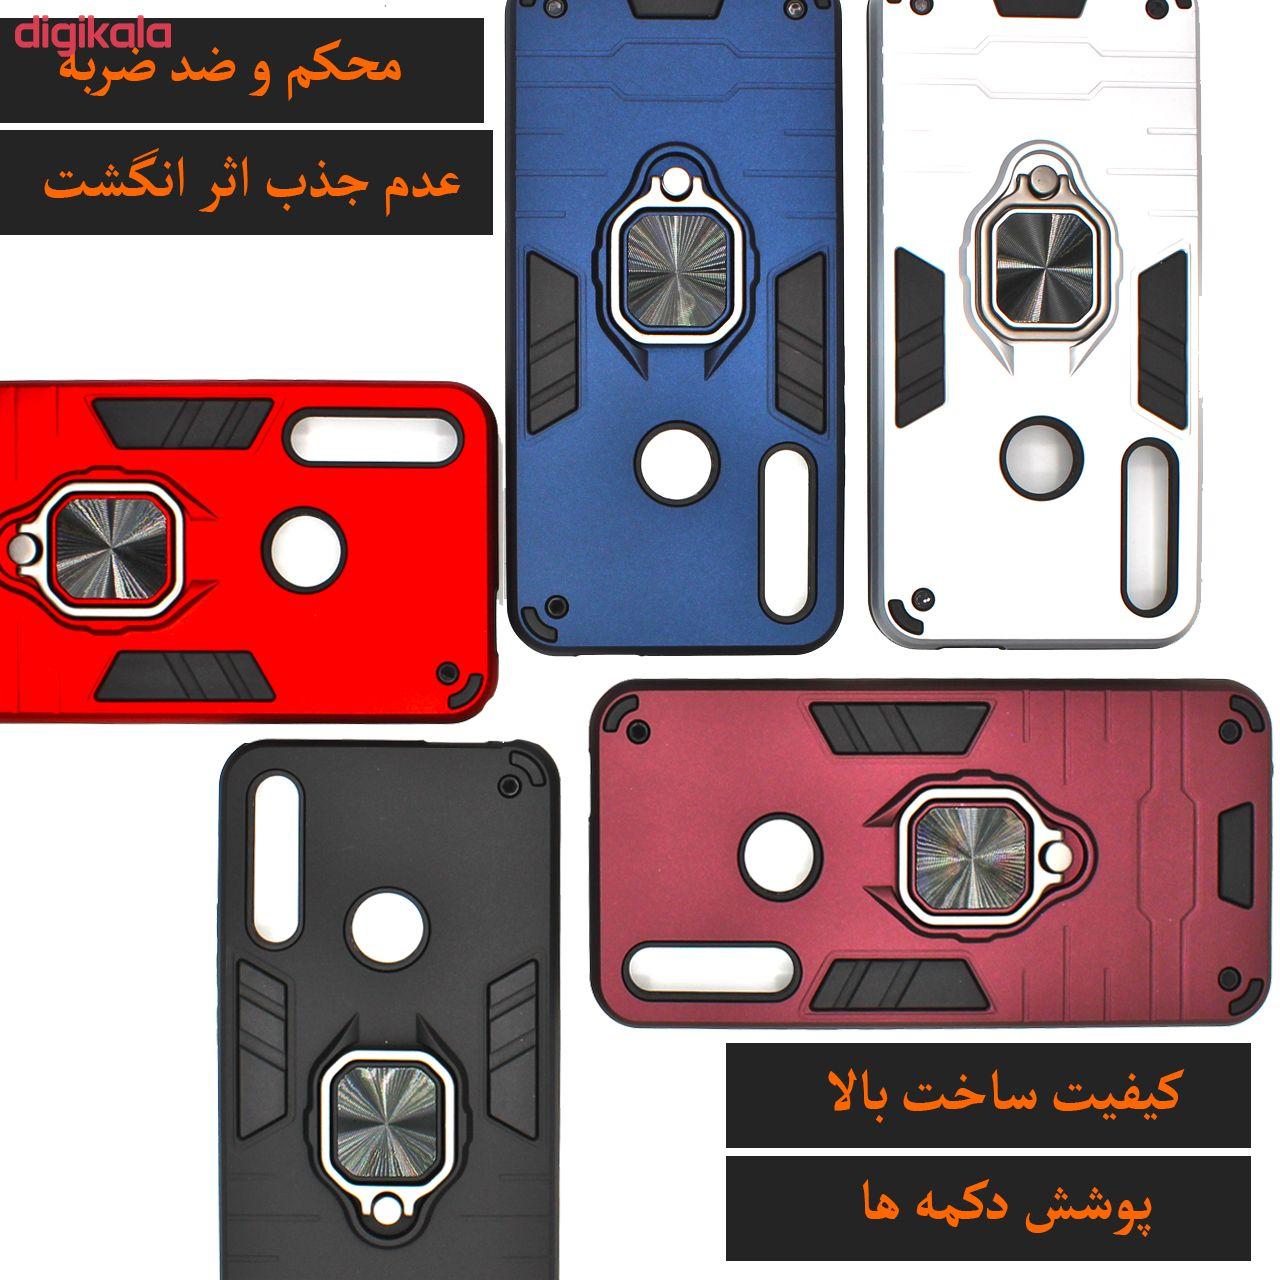 کاور کینگ پاور مدل ASH22 مناسب برای گوشی موبایل هوآوی Y9 Prime 2019 / آنر 9X main 1 12